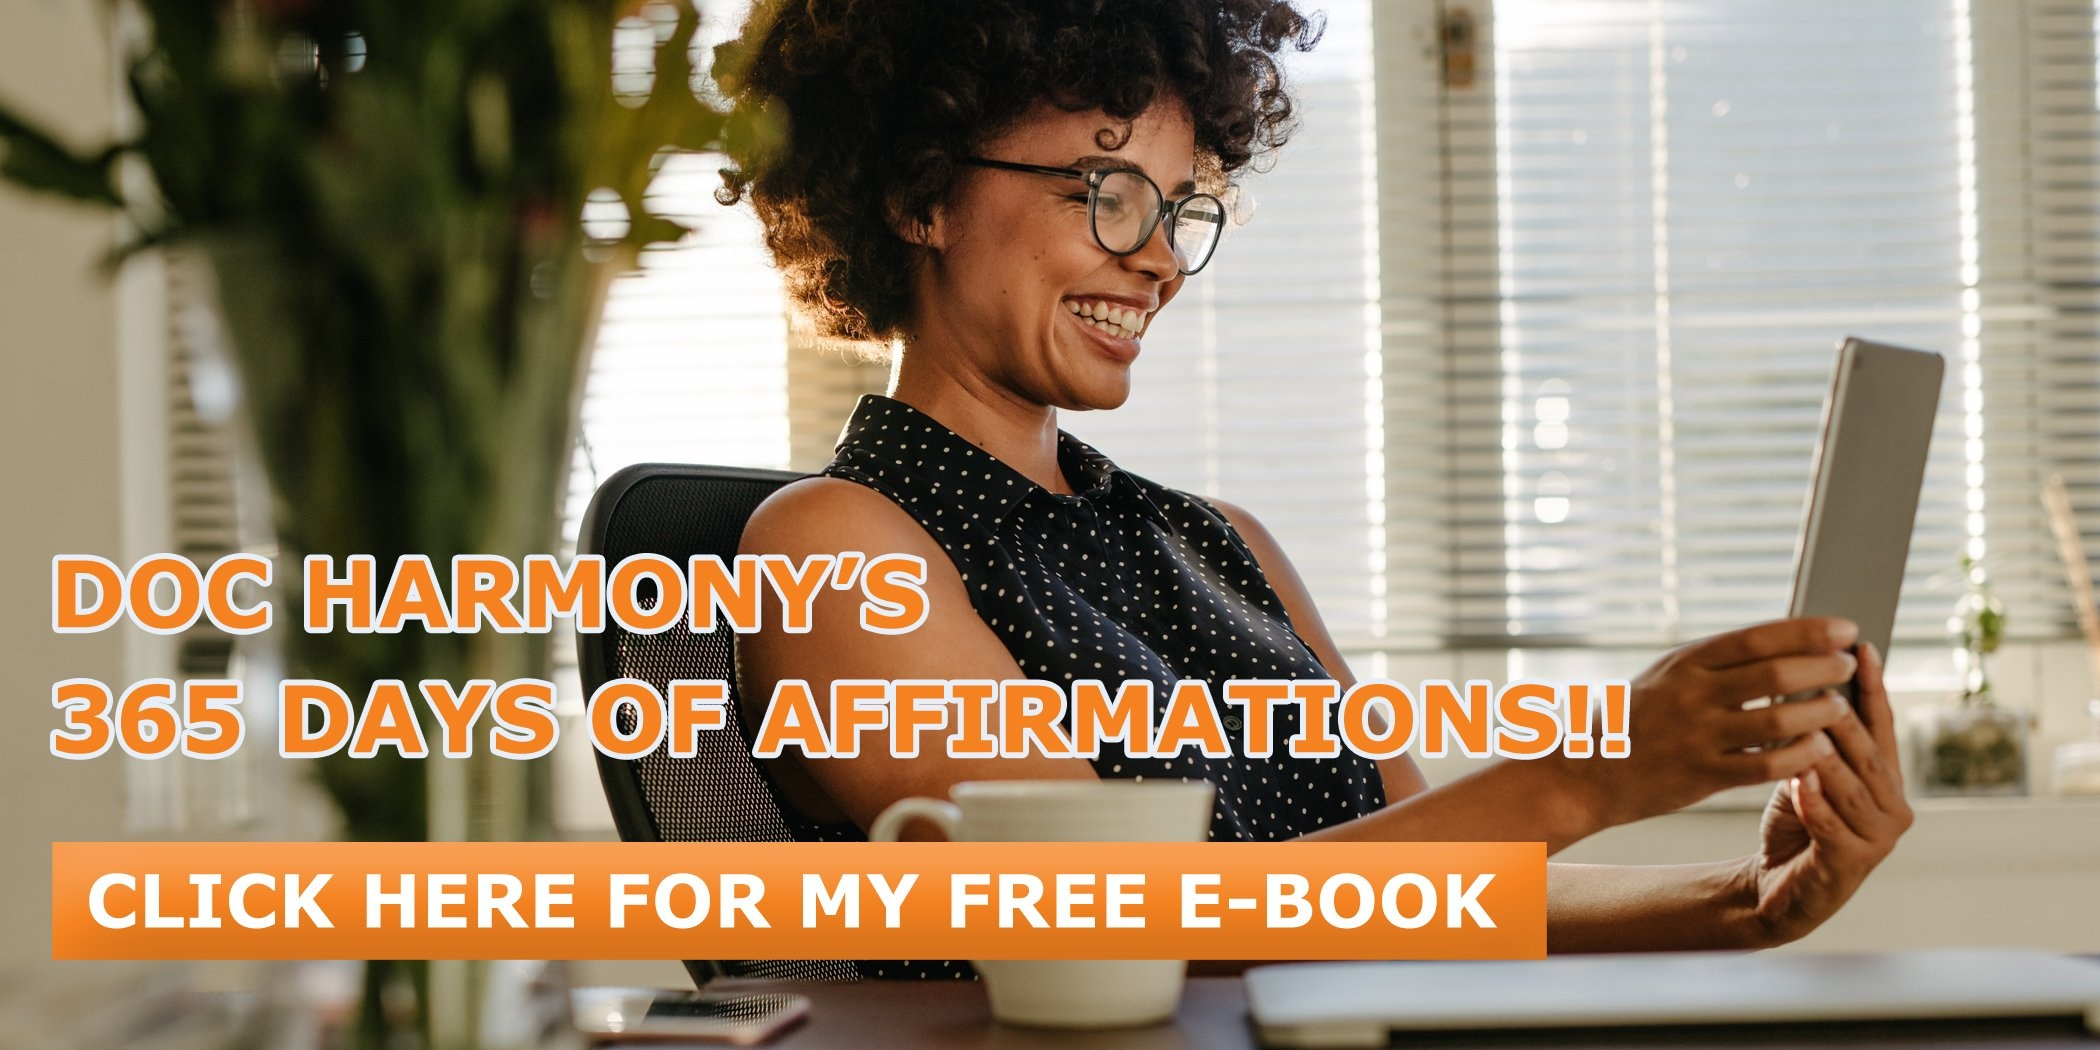 Get my free e-book!